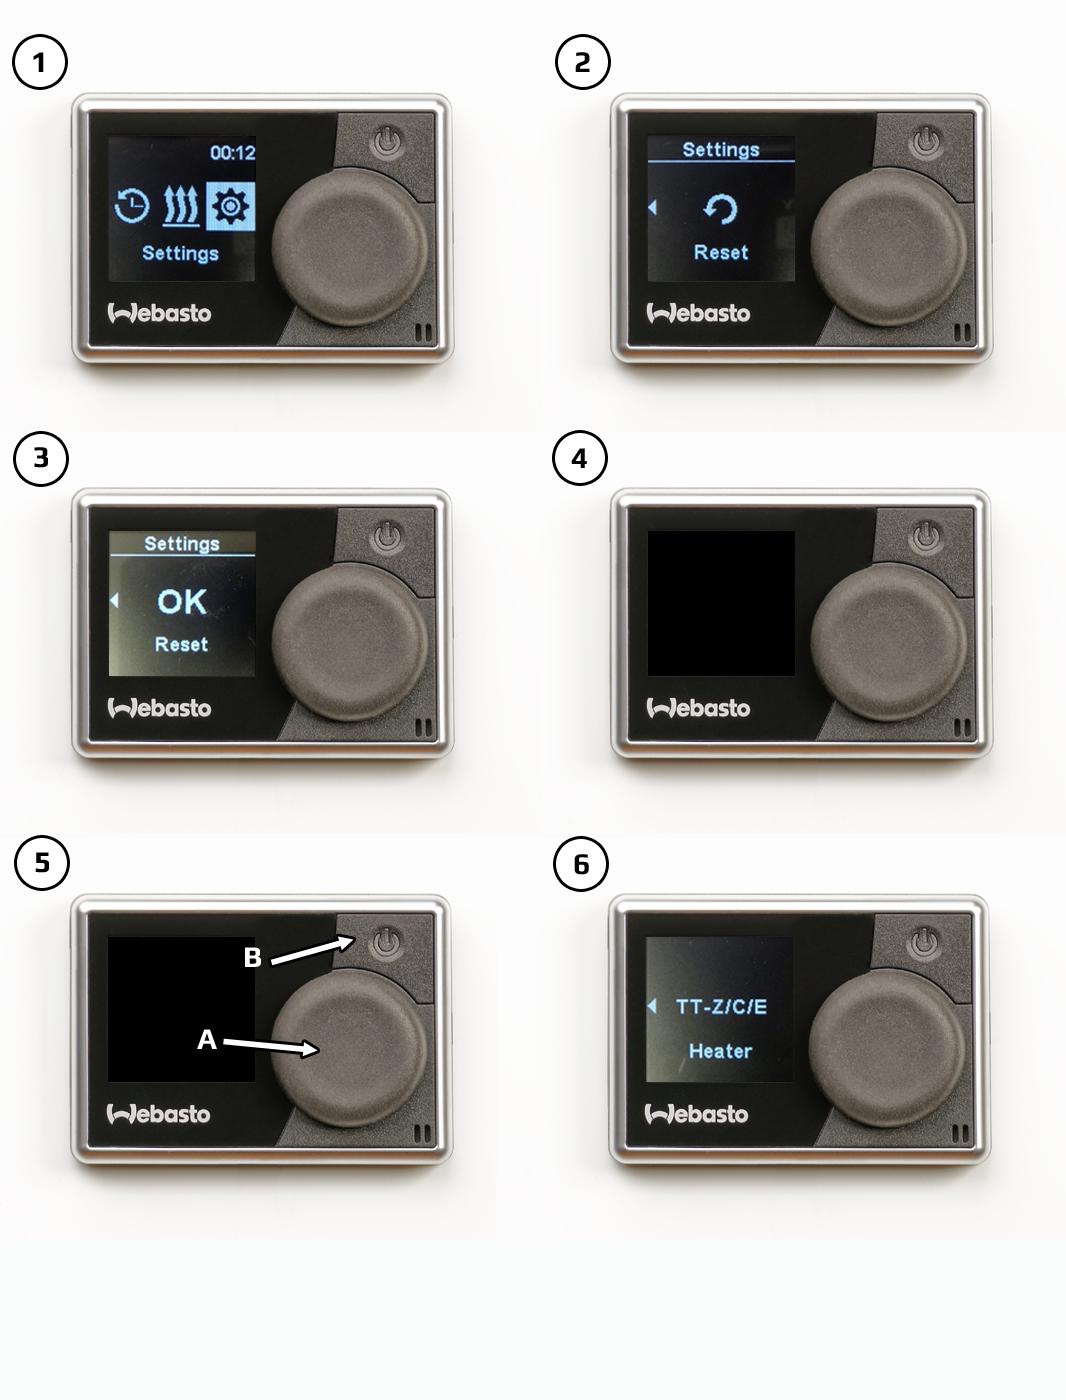 Einstellung-Multicontrol